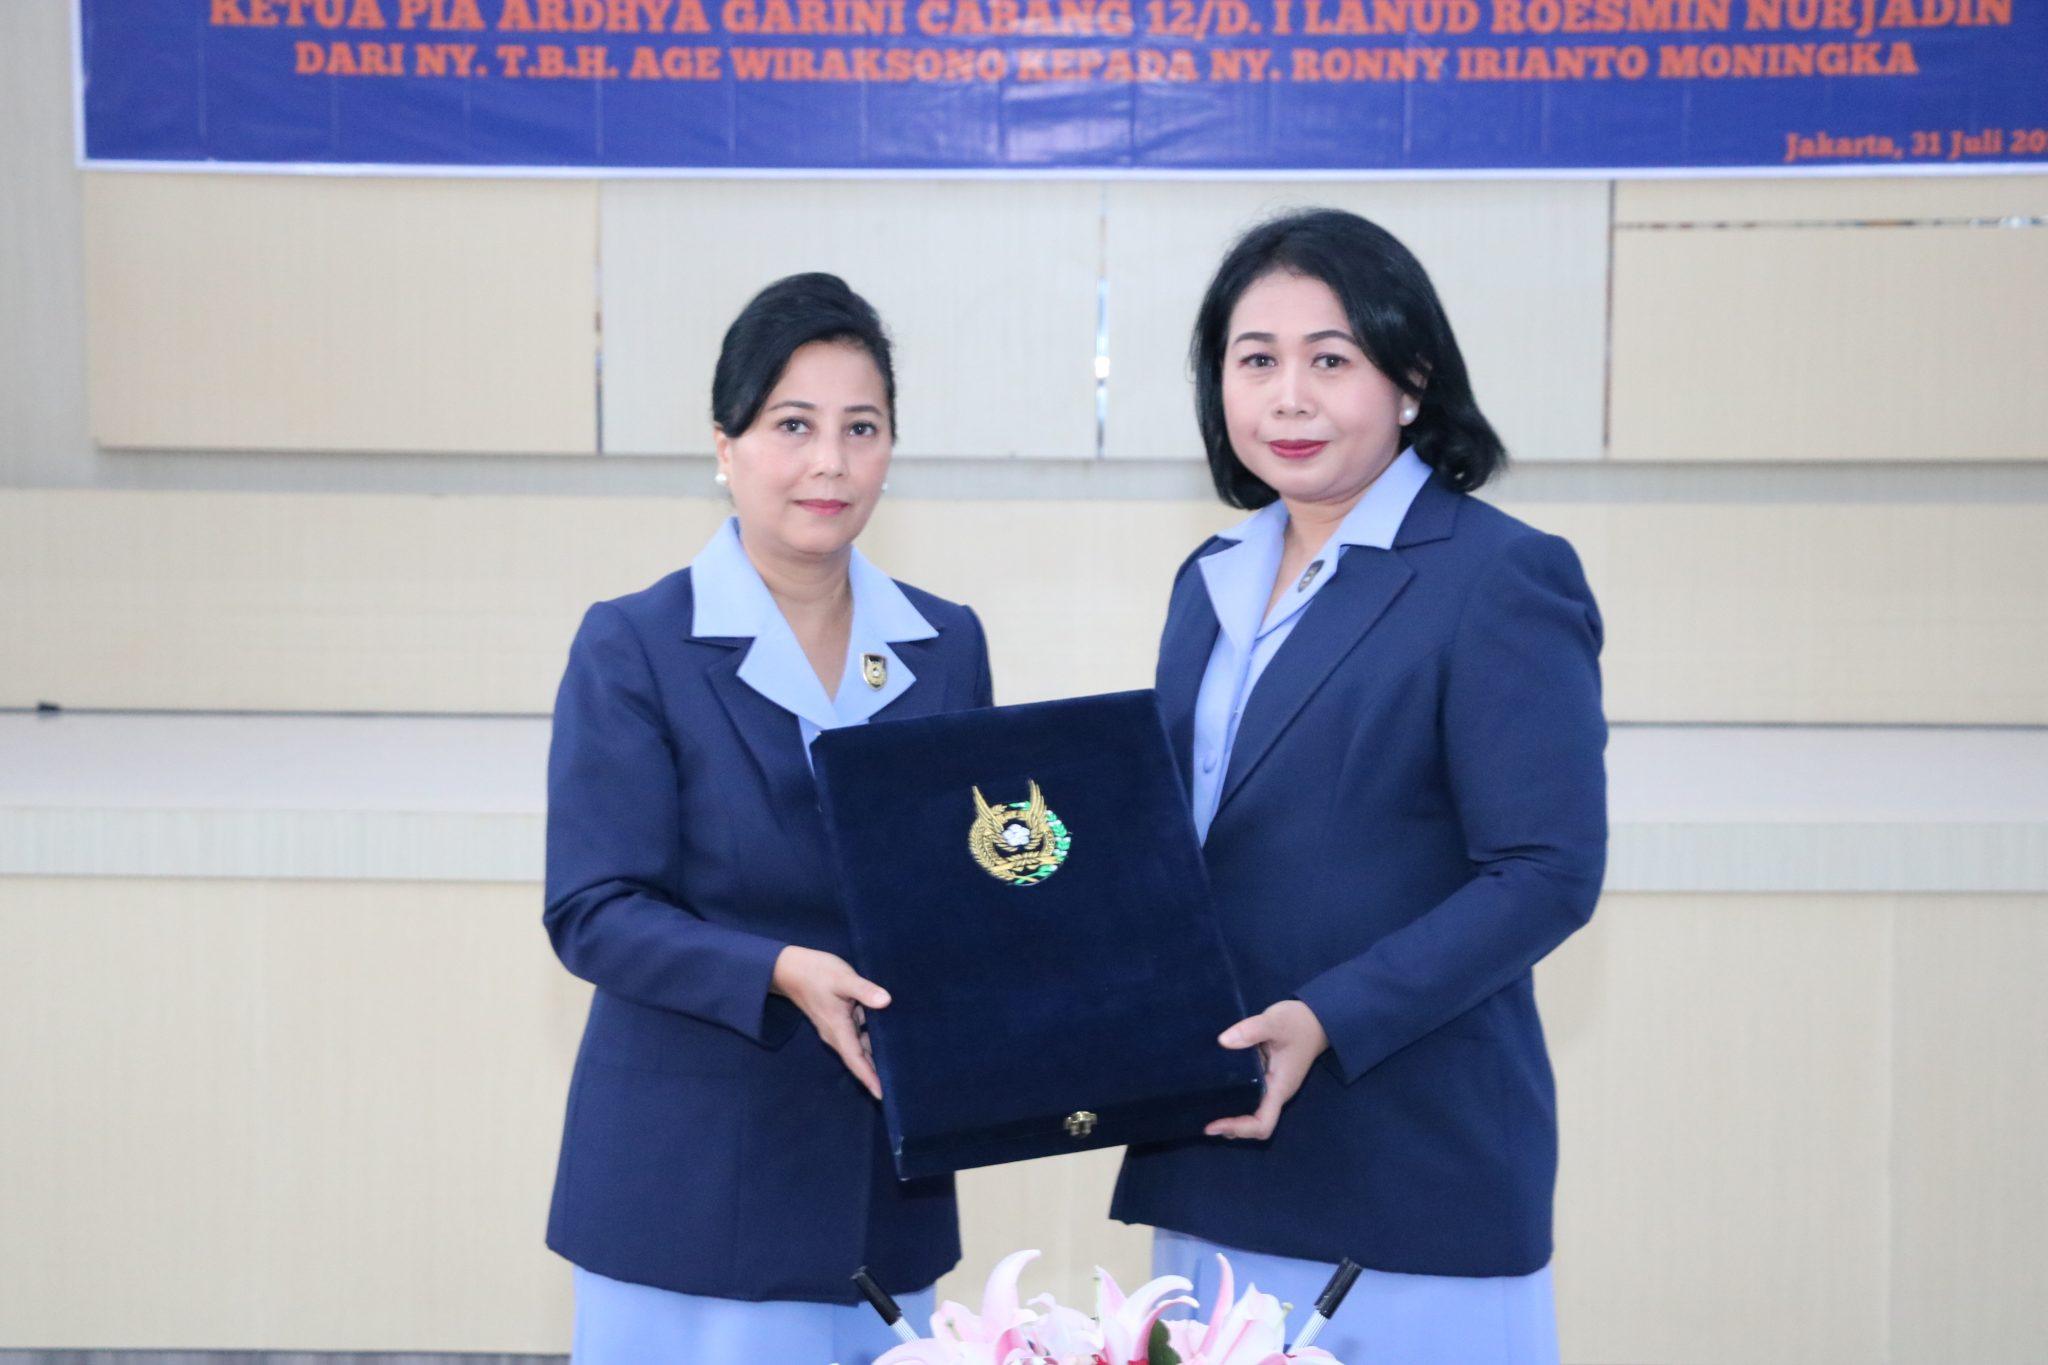 Serah terima Jabatan Ketua PIA AG Cab. 12/D.I Lanud Roesmin Nurjadin